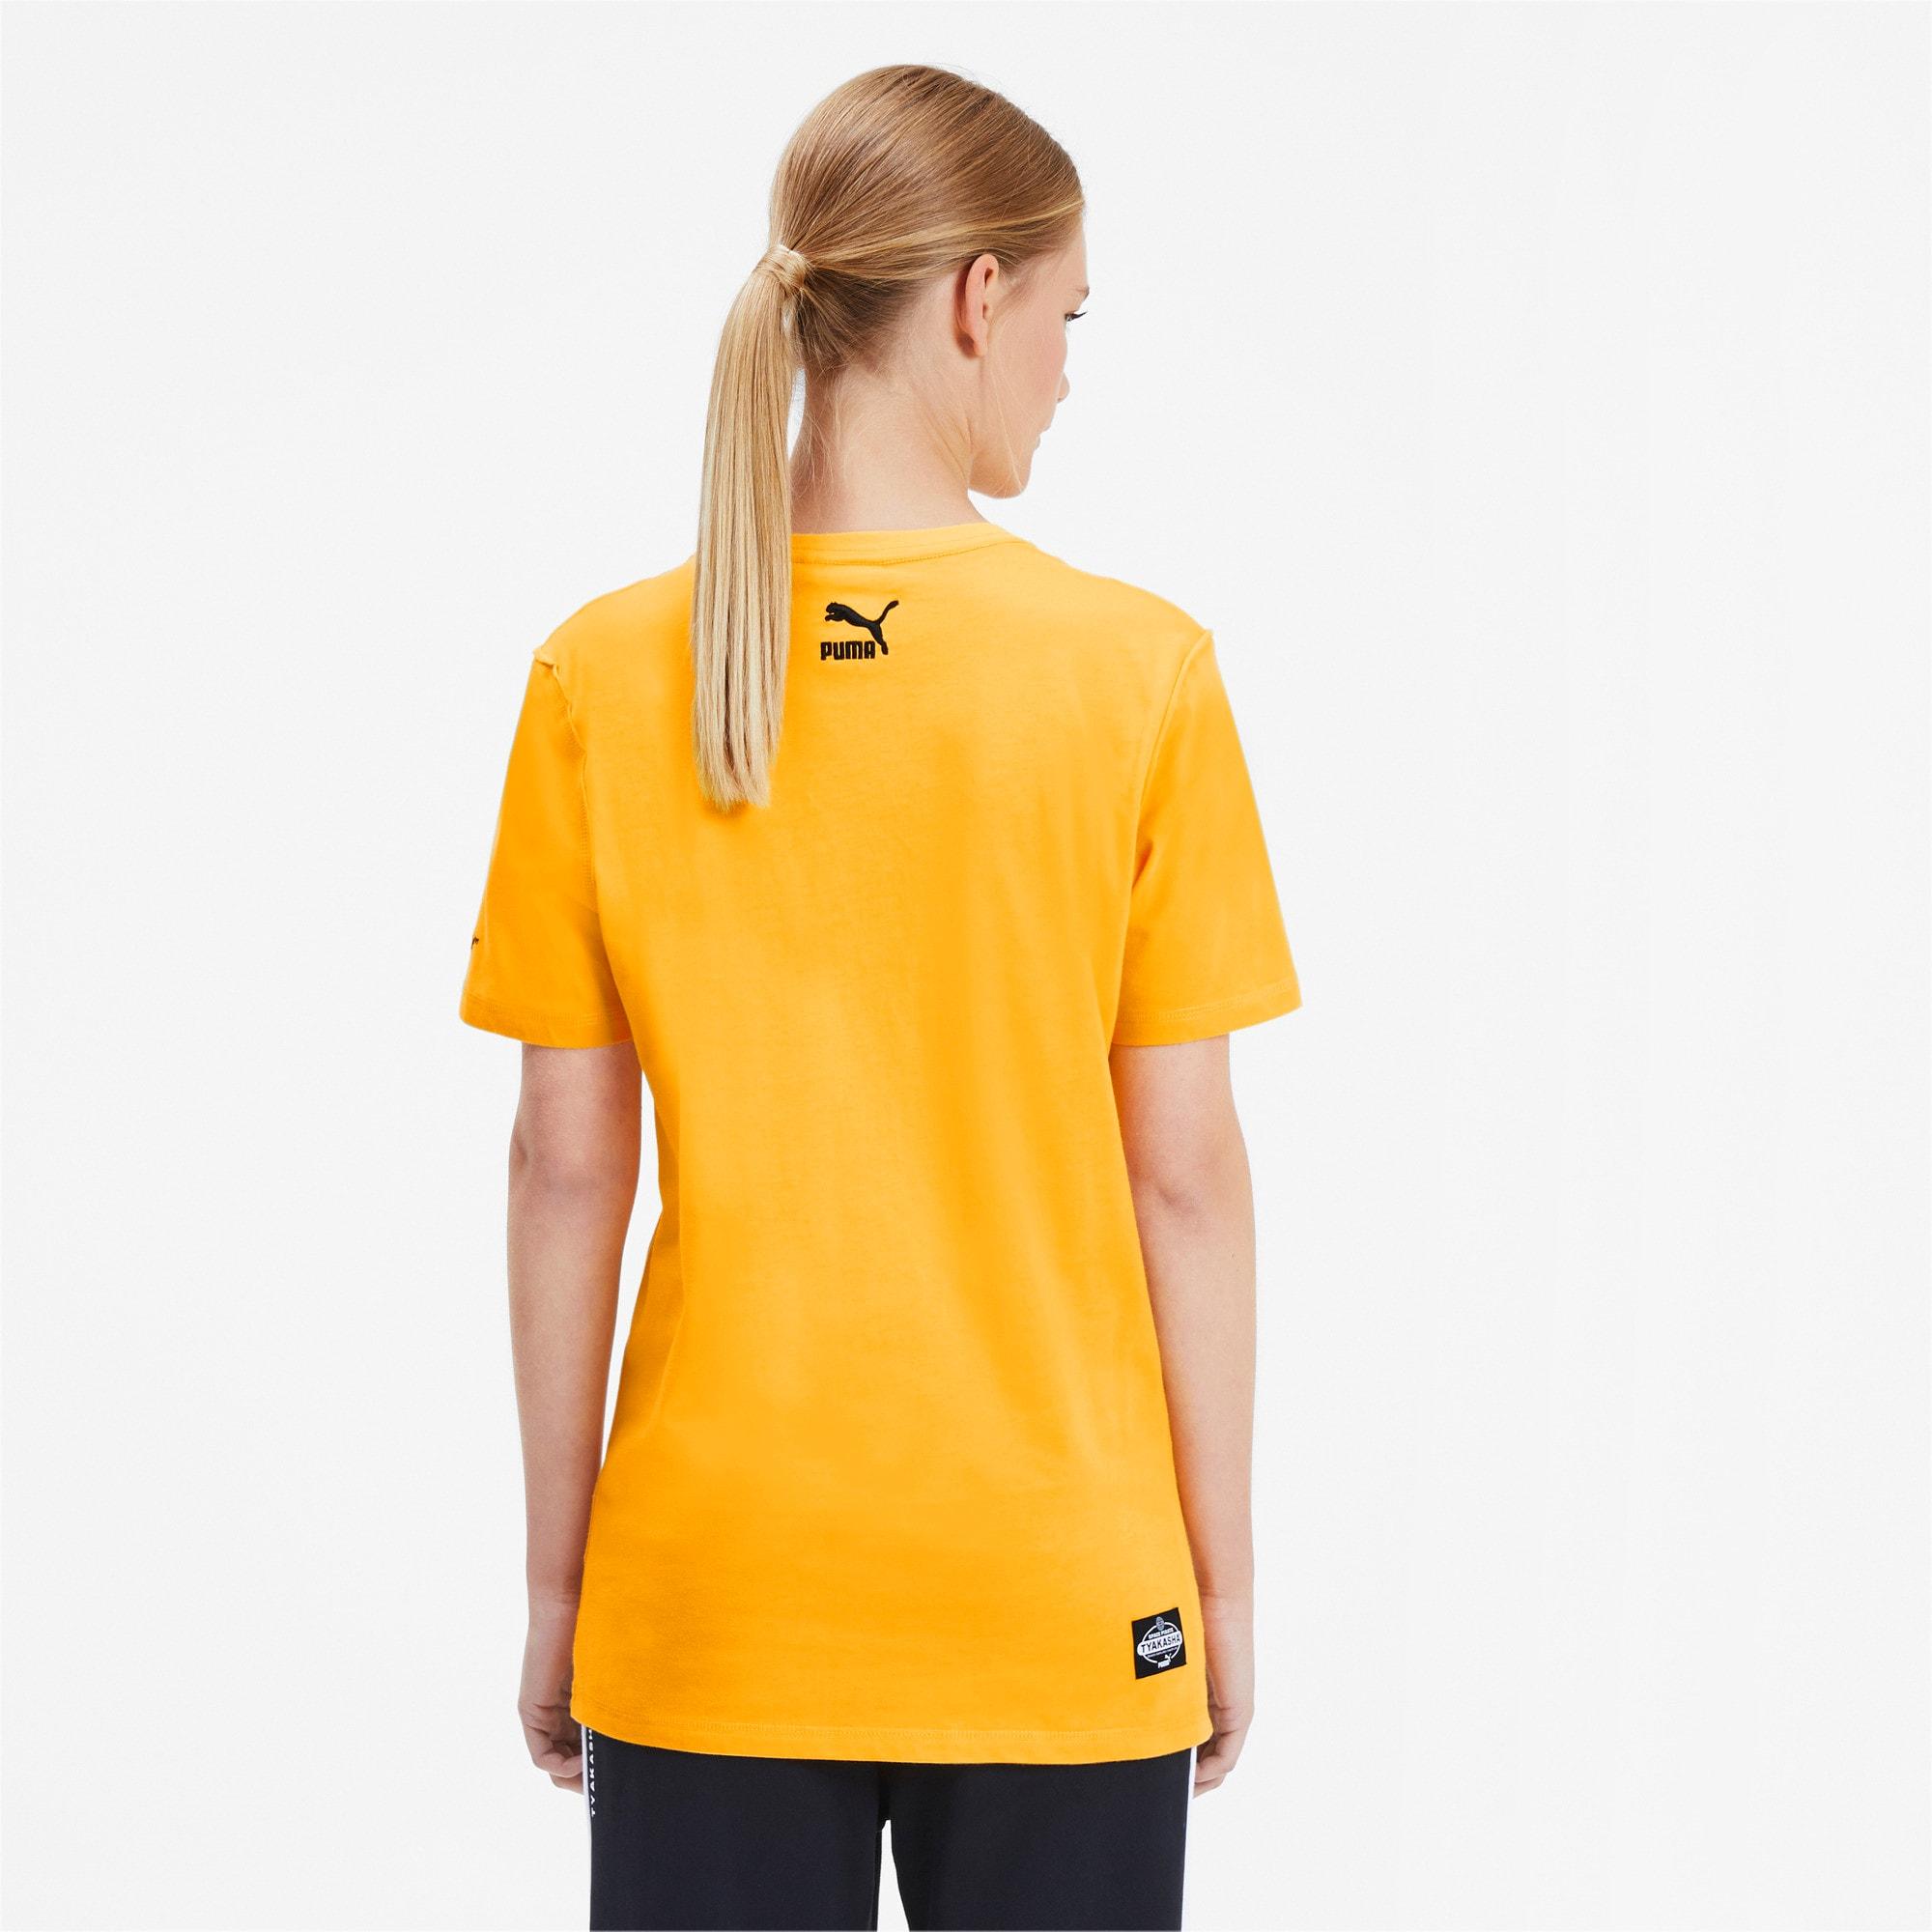 Thumbnail 3 of PUMA x TYAKASHA T-Shirt, Daffodil, medium